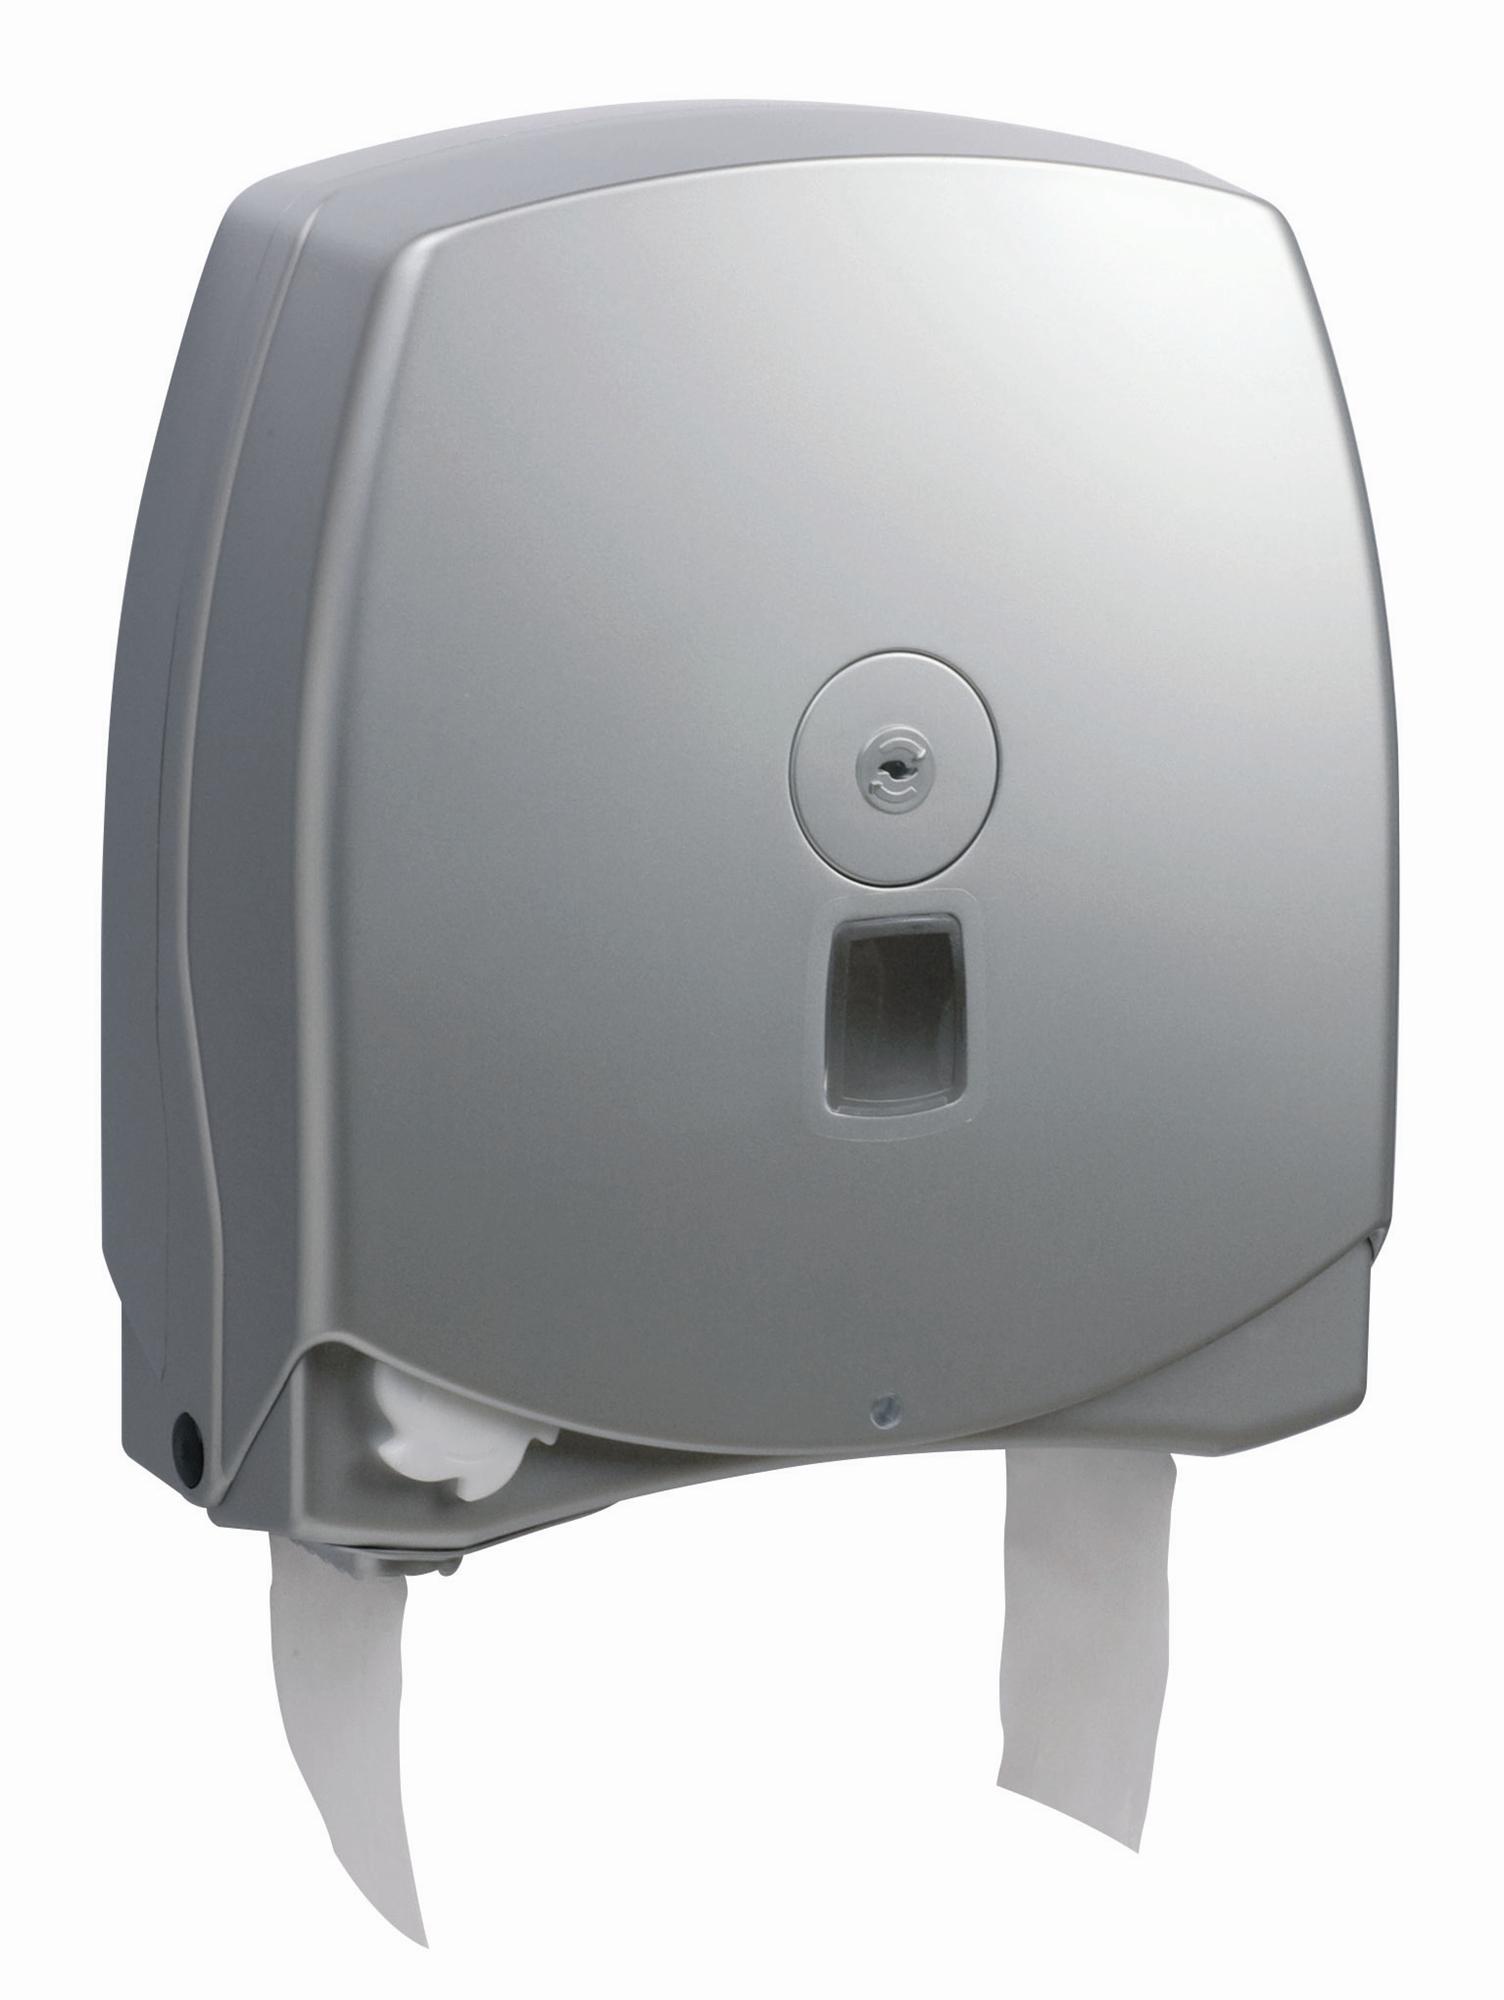 Dérouleur Papier Wc Metal distributeur papier toilette automatique jumbo gris